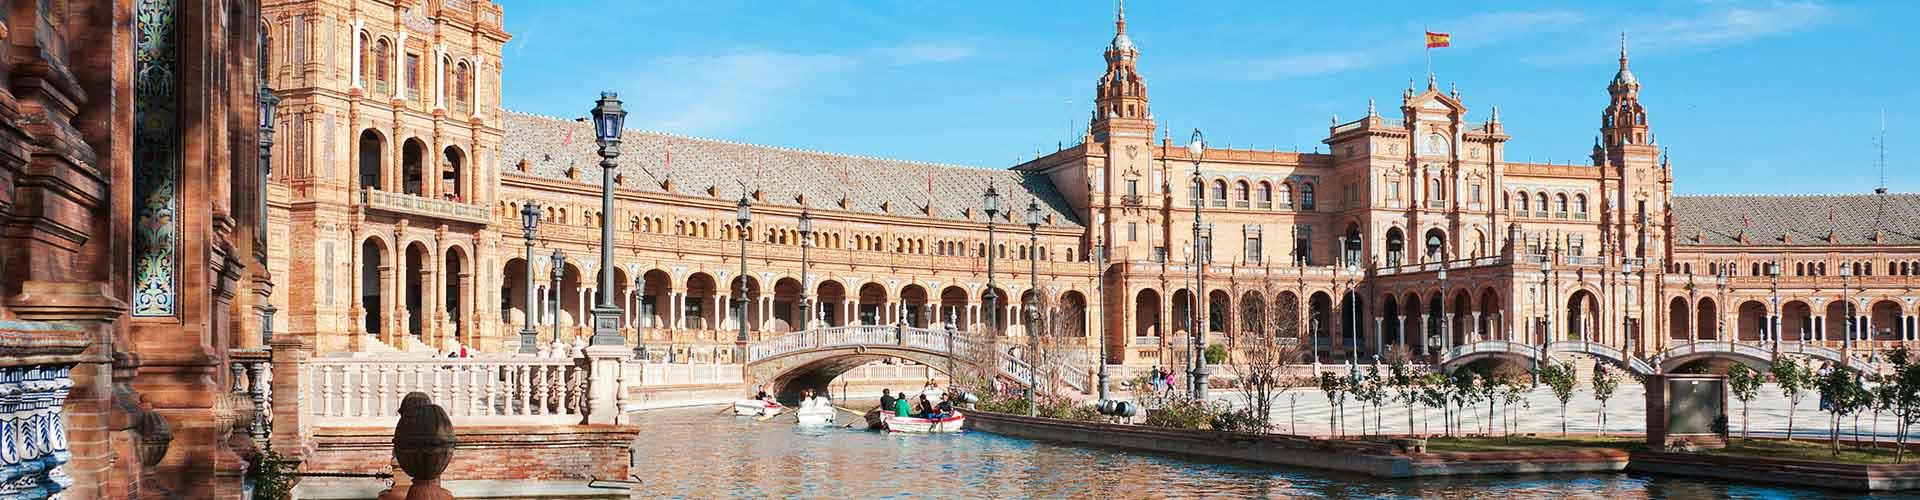 Sevillassa – Hotellit kohteessa Sevillassa. Sevillassa -karttoja, valokuvia ja arvosteluja kaikista Sevillassa -hotelleista.